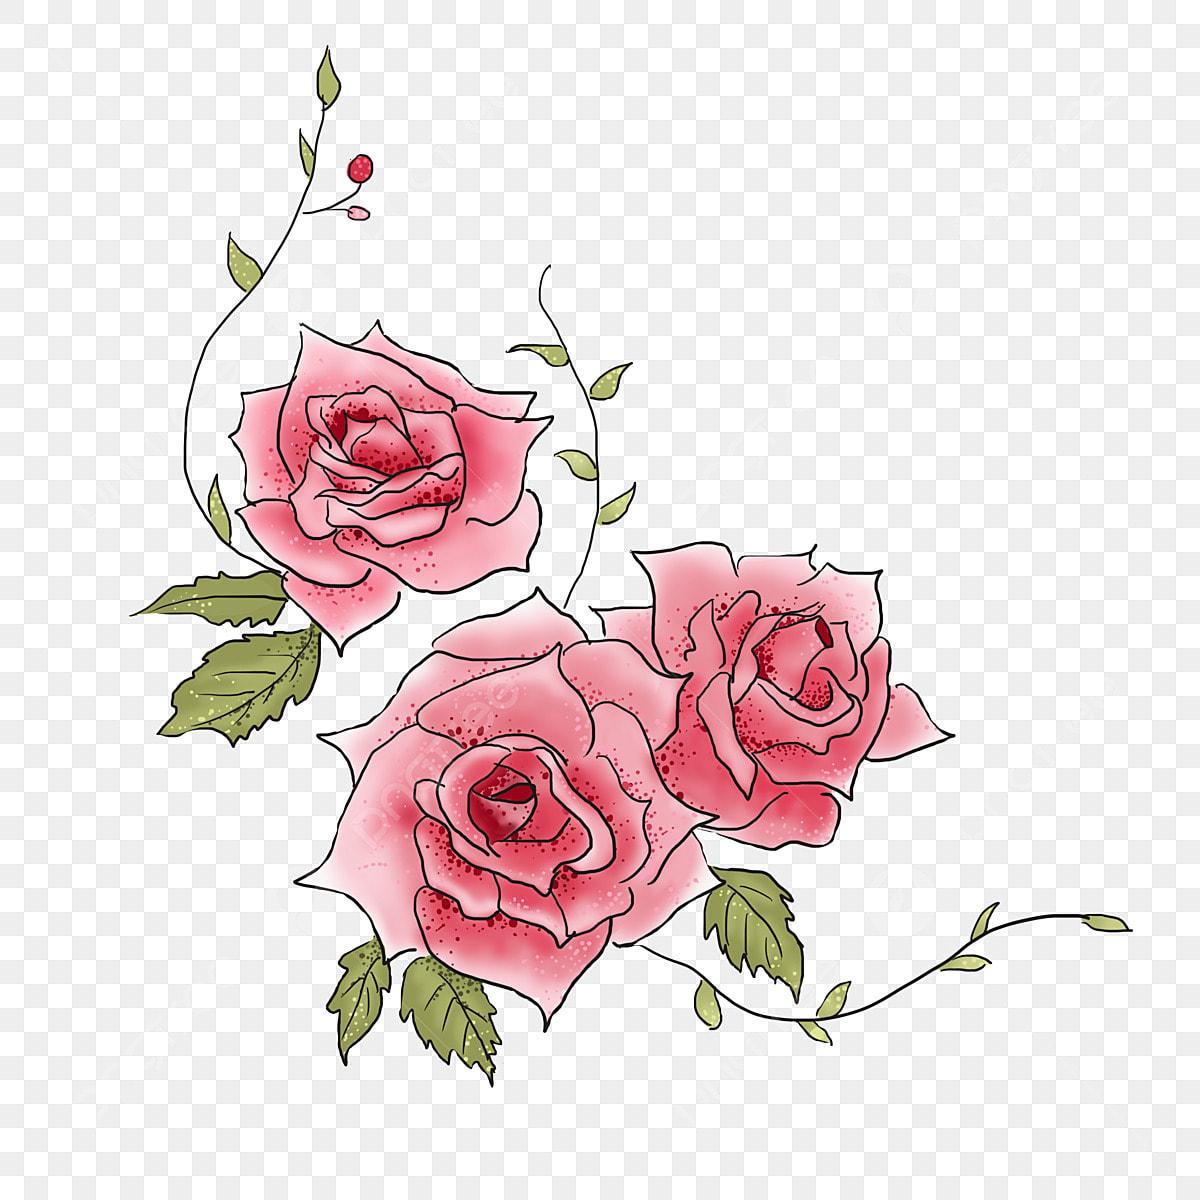 ورد وكتاب الوردة الورود الوردية نبات Png وملف Psd للتحميل مجانا